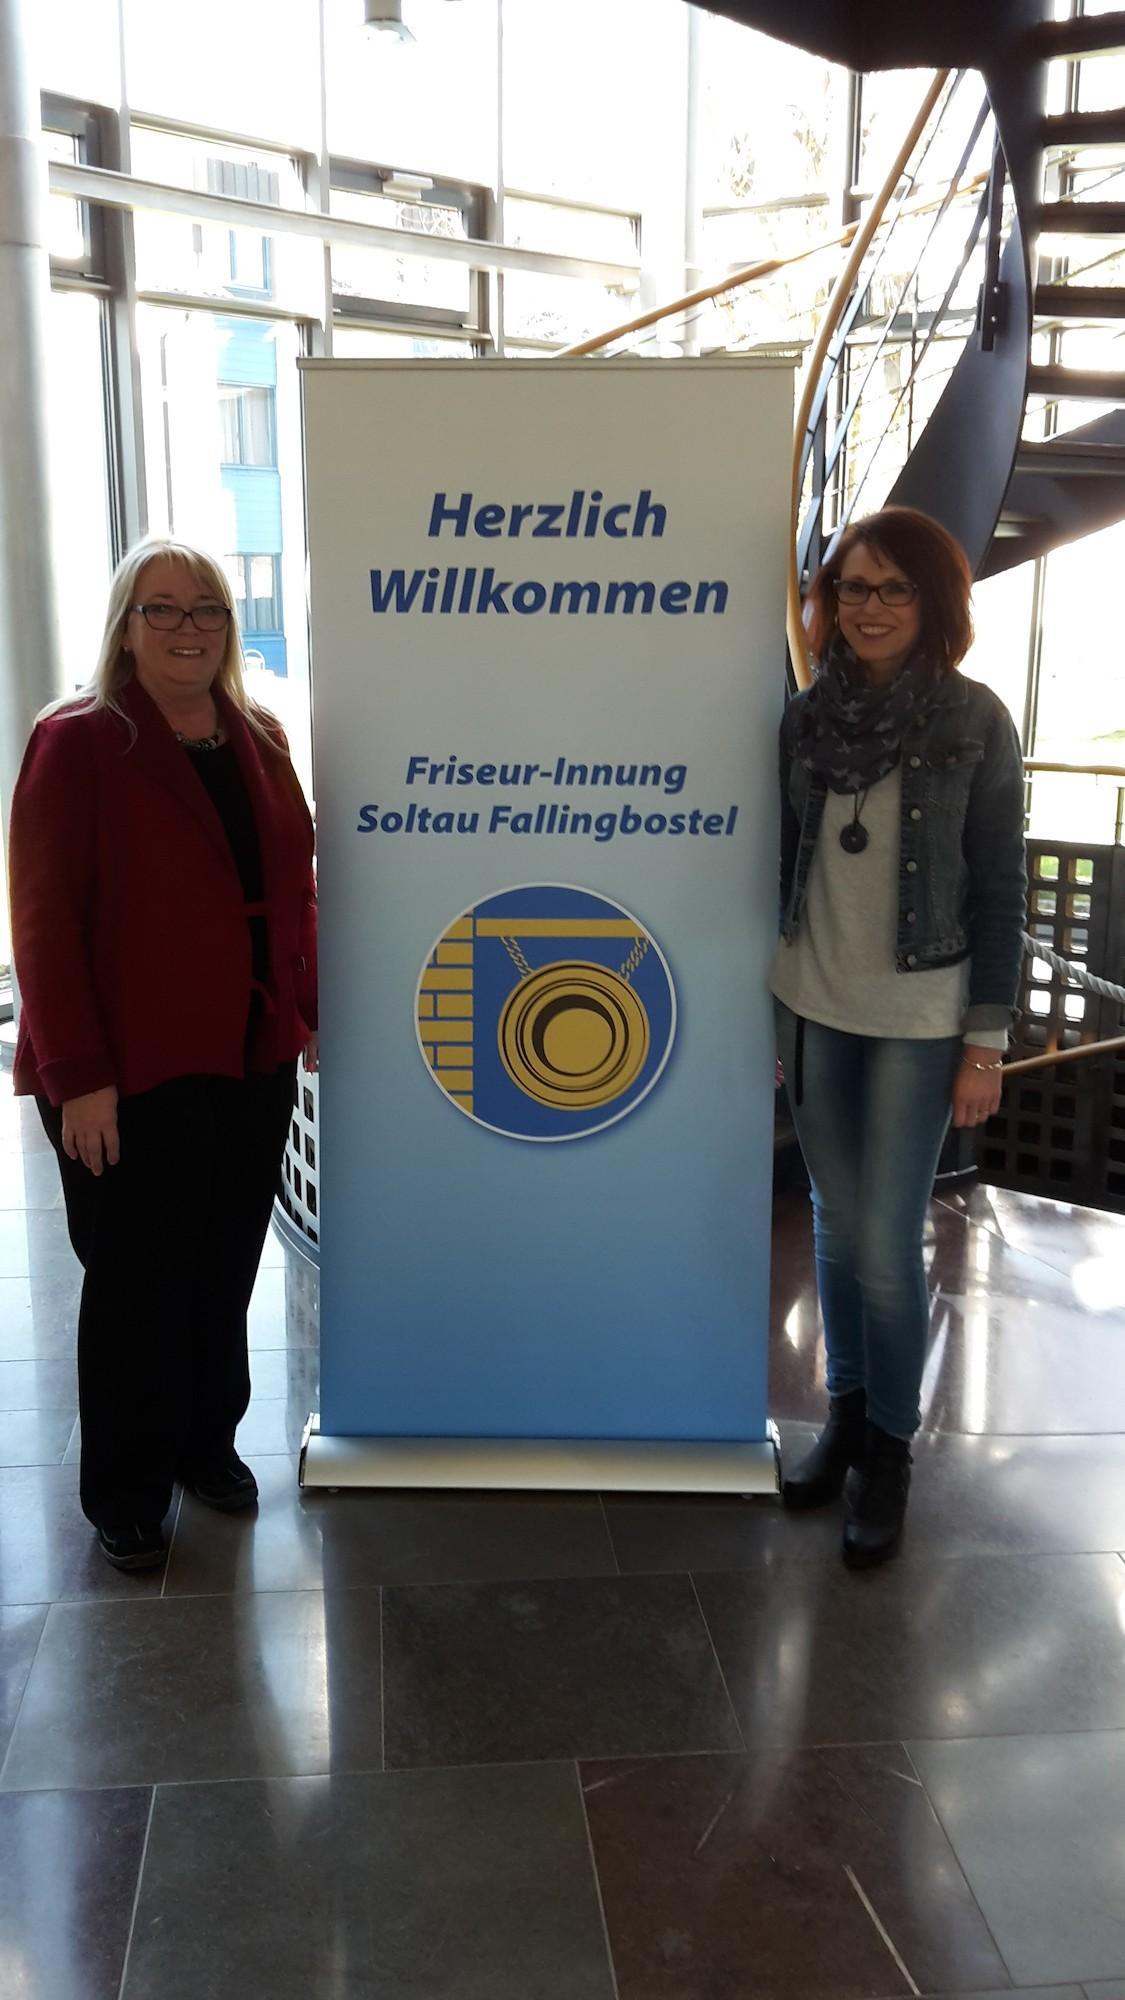 2017 Landesinnungsverband Des Niedersächsischen Friseurhandwerks